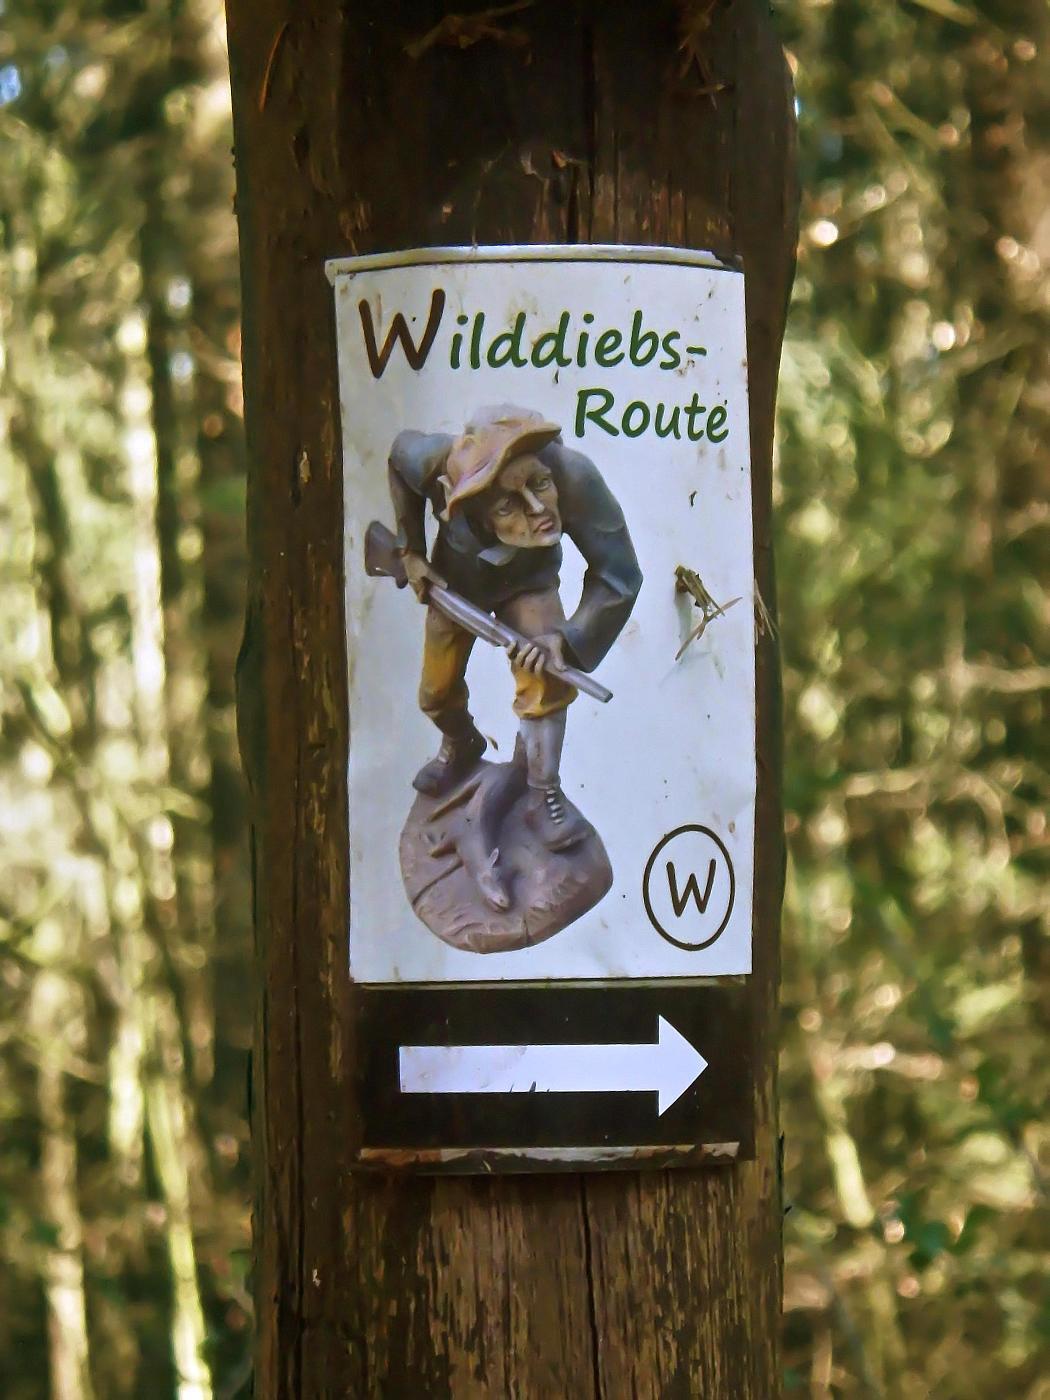 Wilddiebs-Route